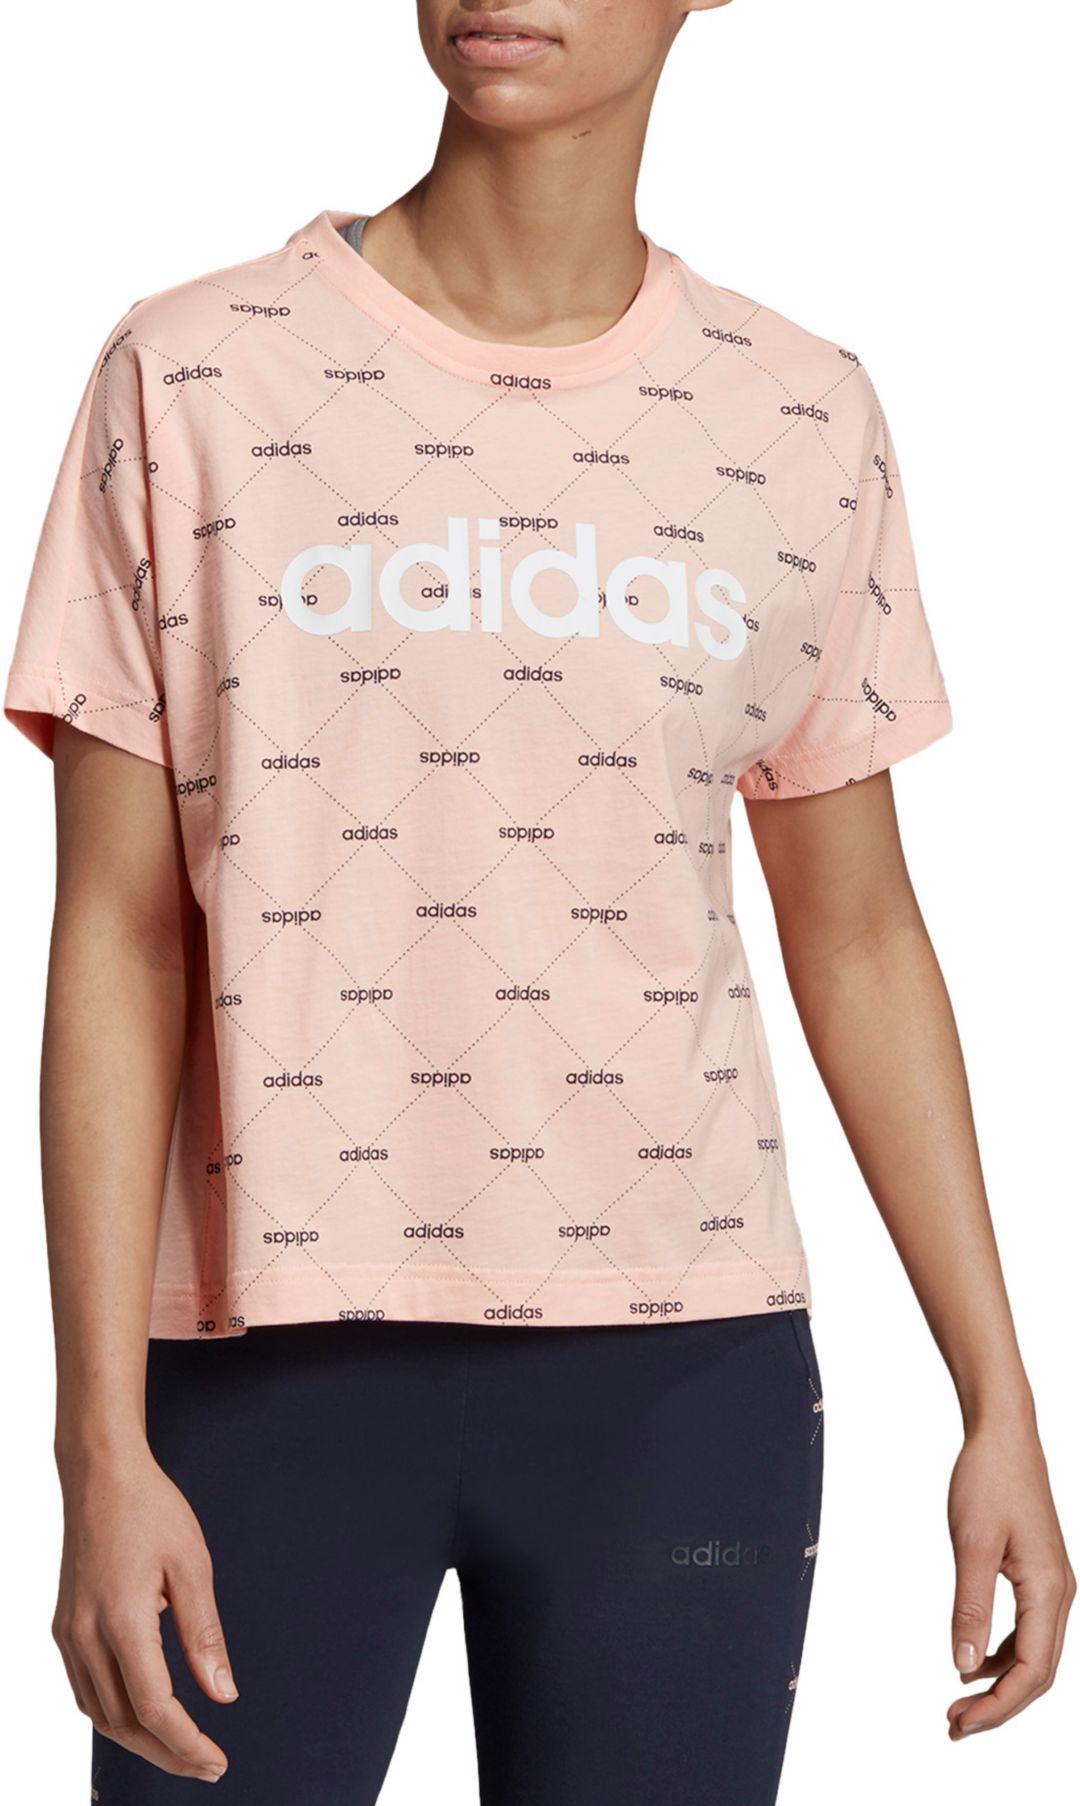 Adidas M CORE FAV T Herren Trainings T Shirt | Sport Sperk